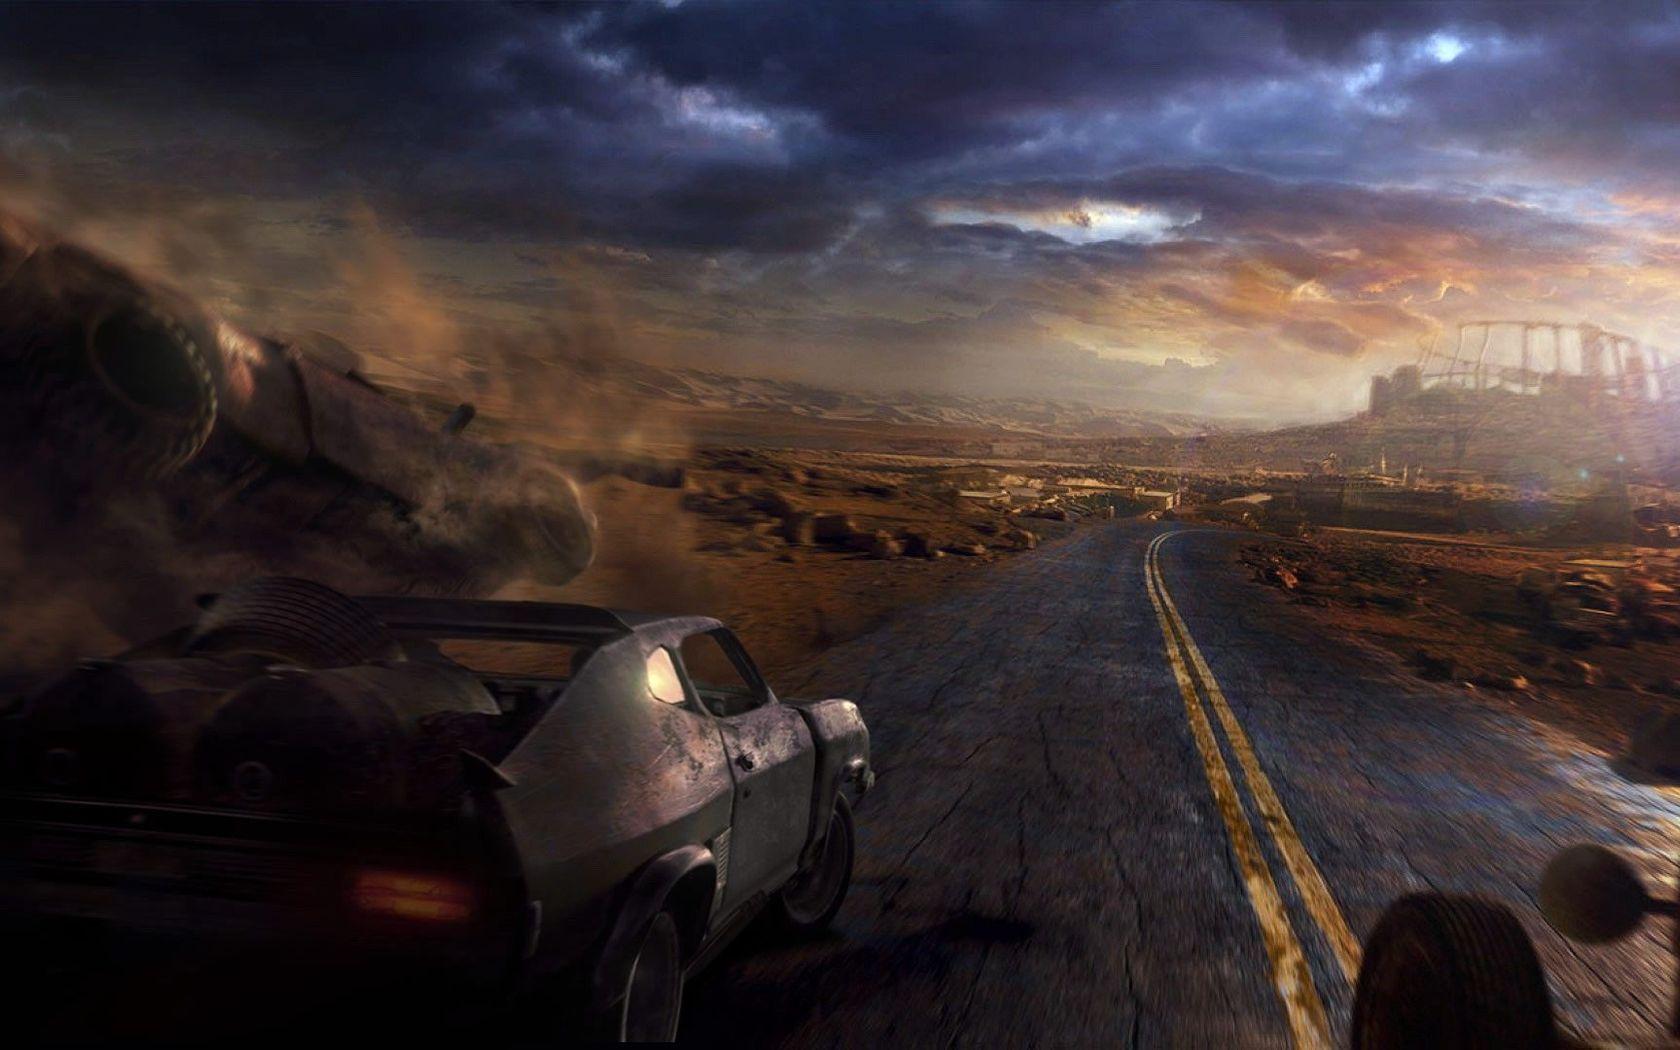 Mad Max wallpaper 17578 1680x1050